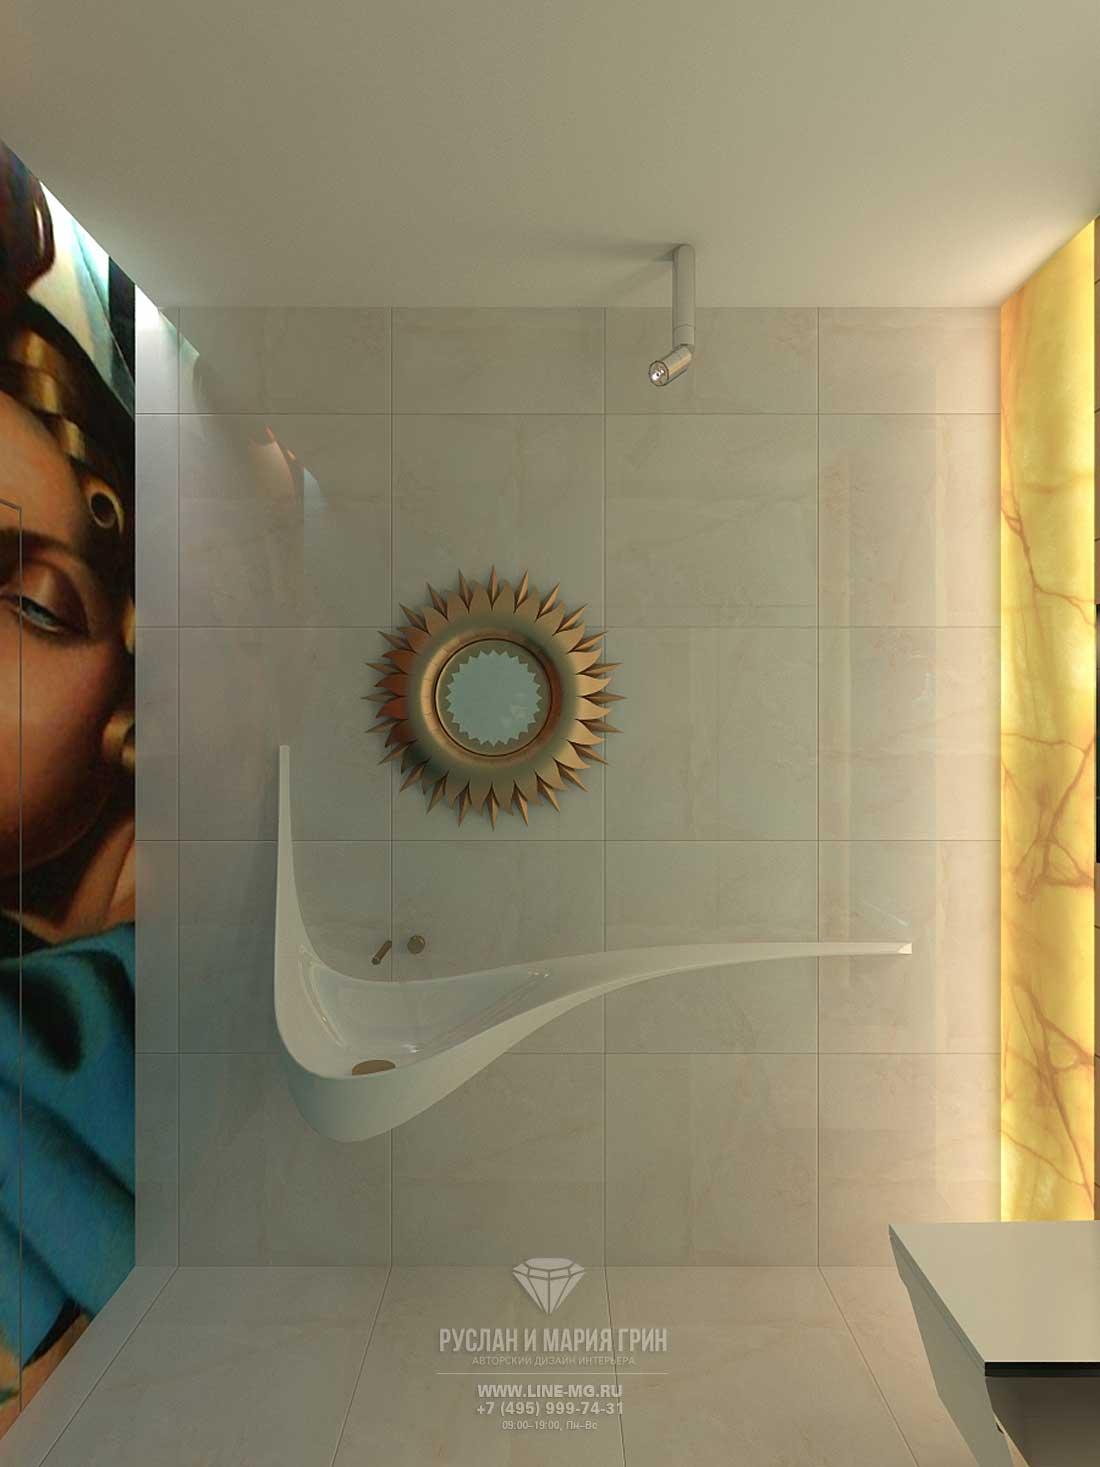 Дизайн санузла в частном доме с мансардой. Фото, новинка 2015